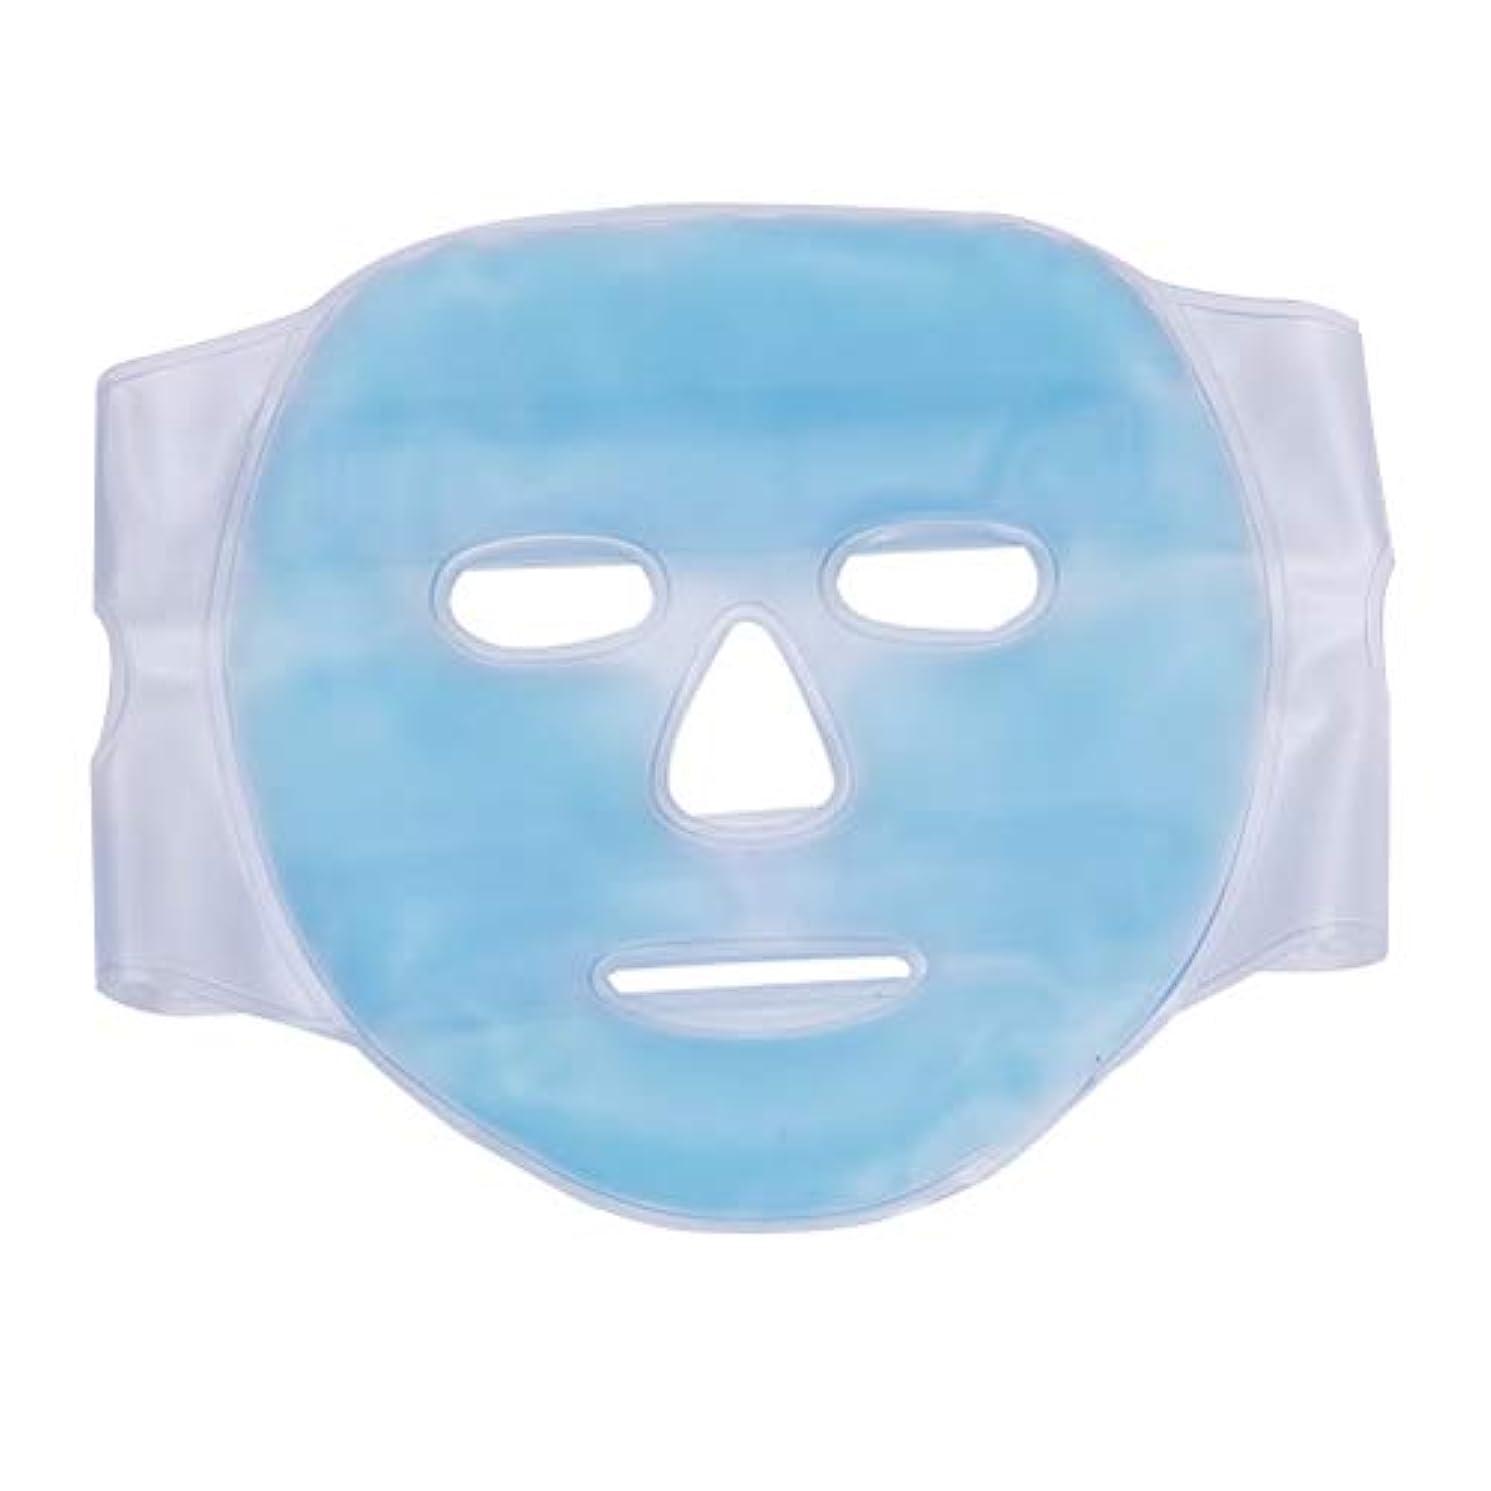 道路を作るプロセス入手します下SUPVOX 美容マスクホットコールドセラピージェルビーズフルフェイシャルマスク睡眠用片頭痛緩腫れぼったい顔(青)